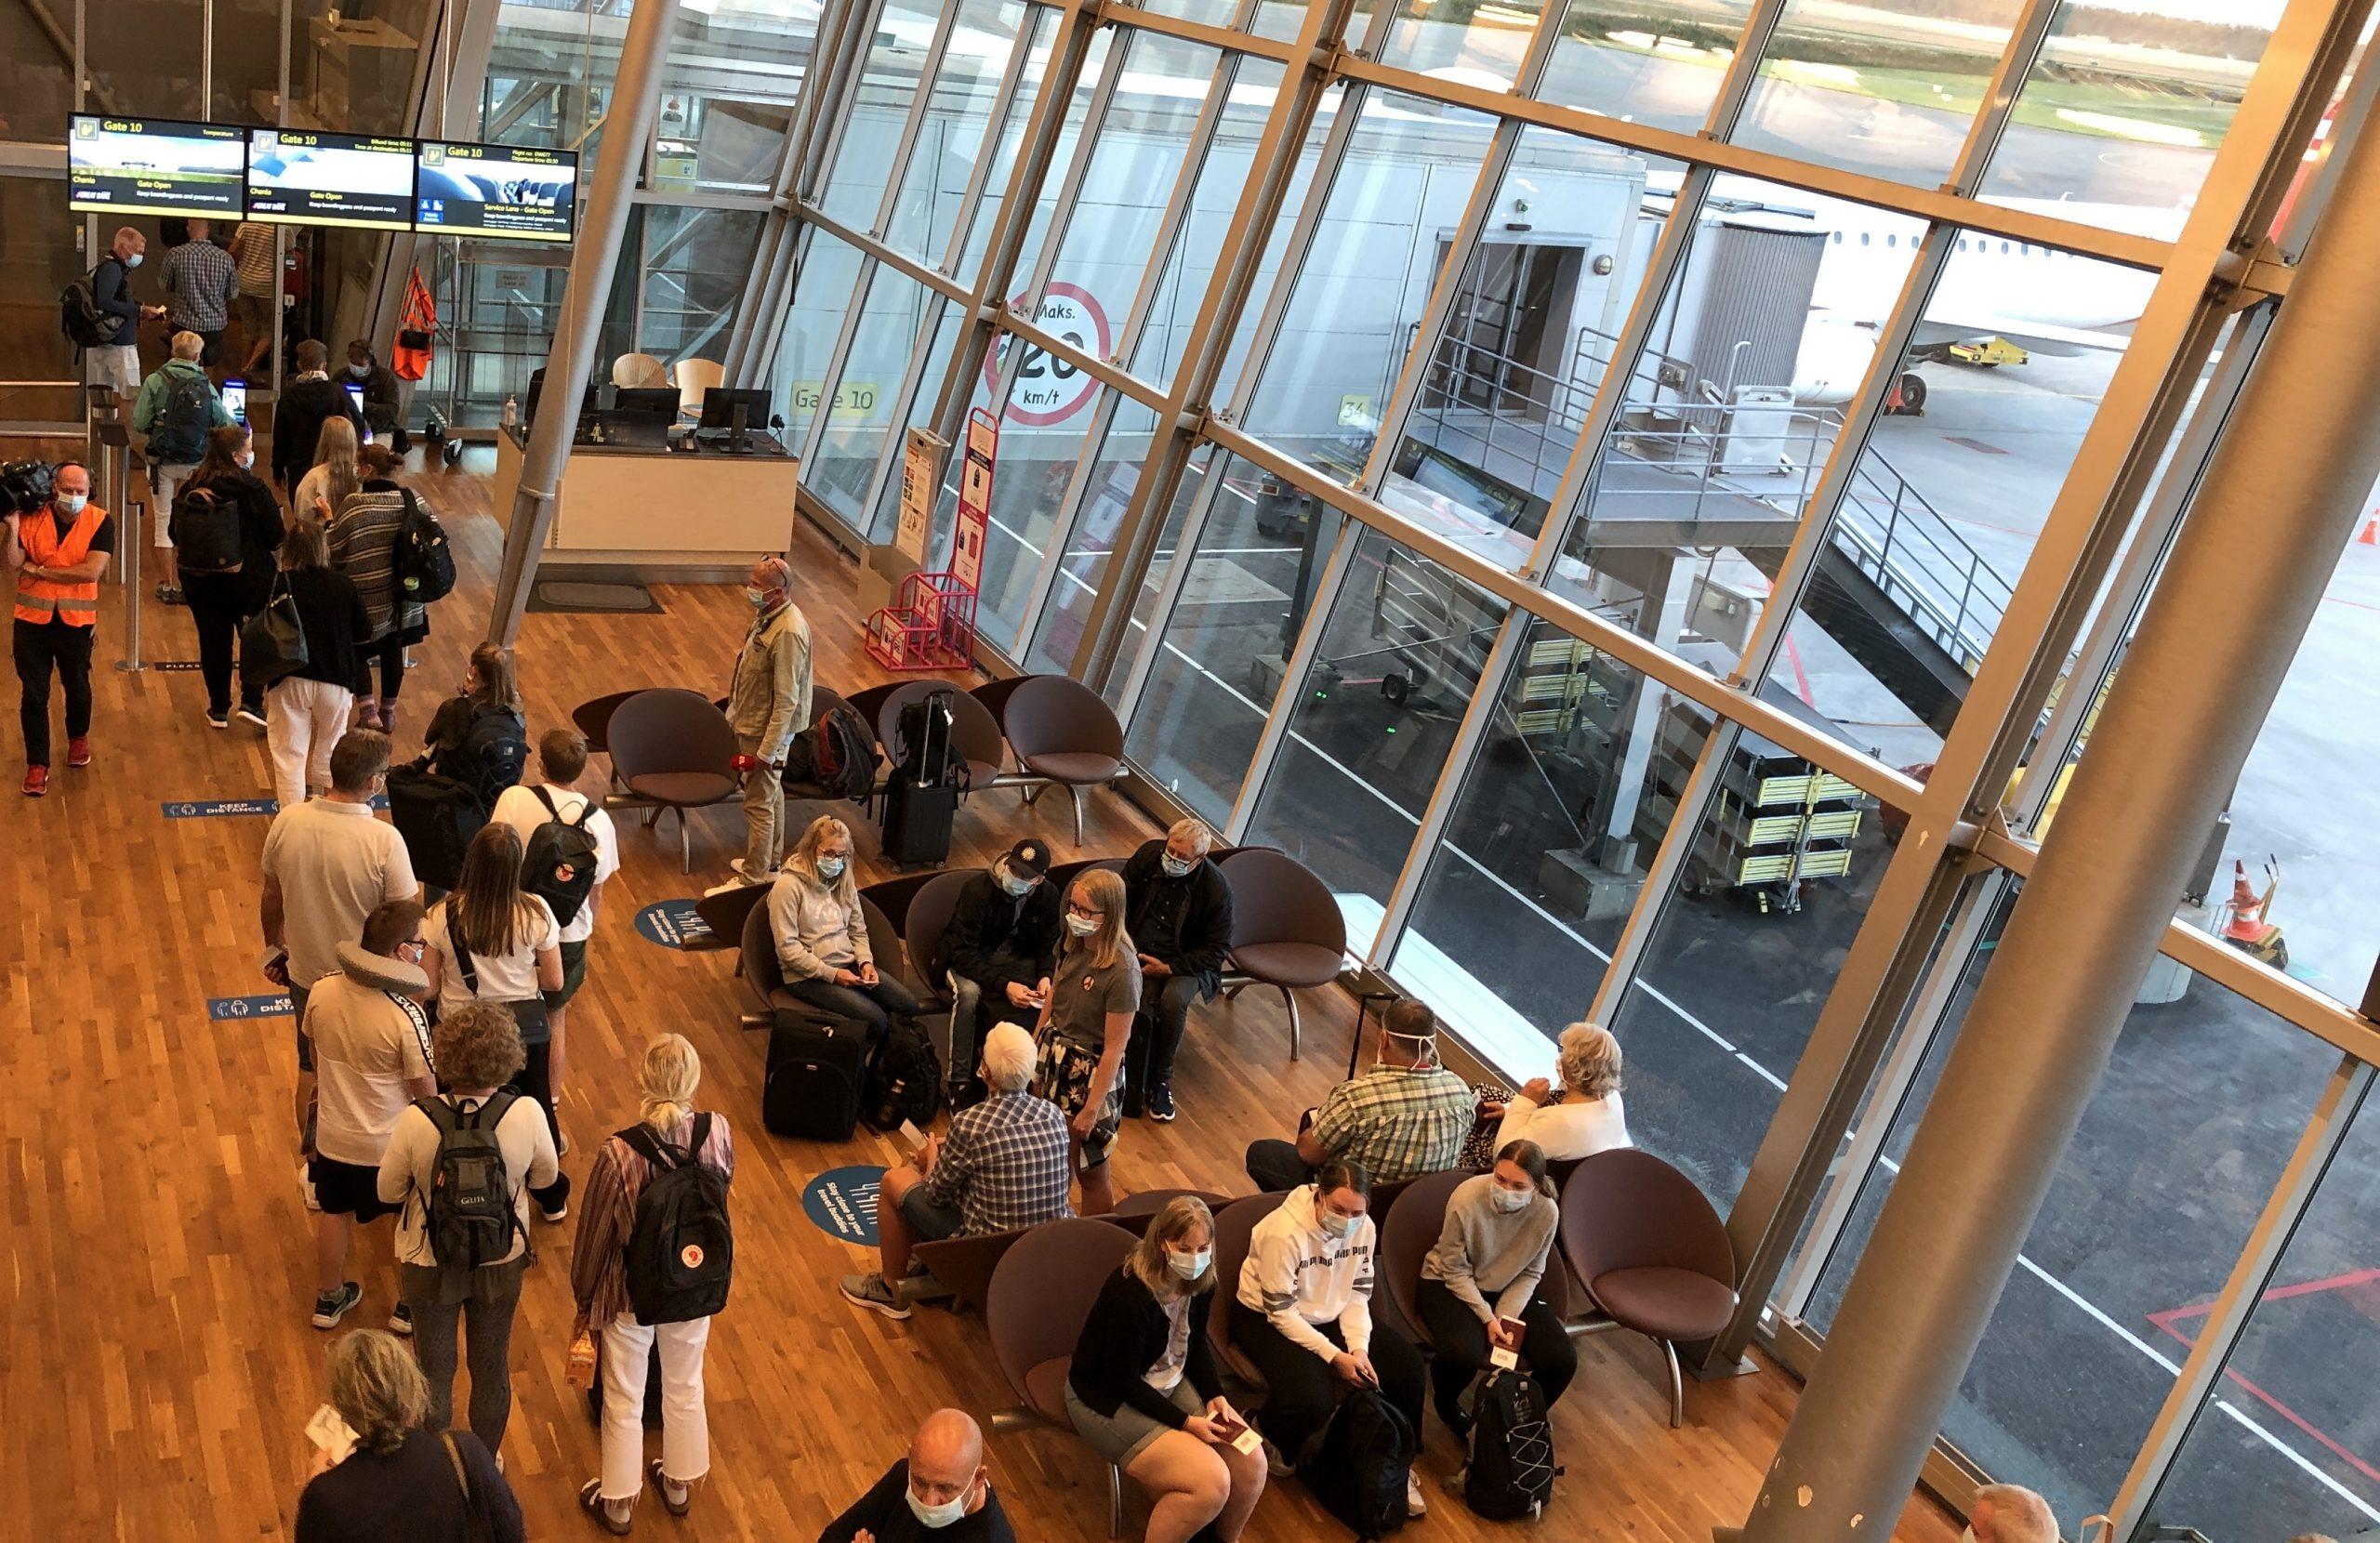 Iført også mundbind er passagererne i Gate 10 i Billund Lufthavn fredag morgen fyldt med chartergæster, der skulle med det første charterfly ud af Danmark siden den 13. marts. Foto: Billund Lufthavn.